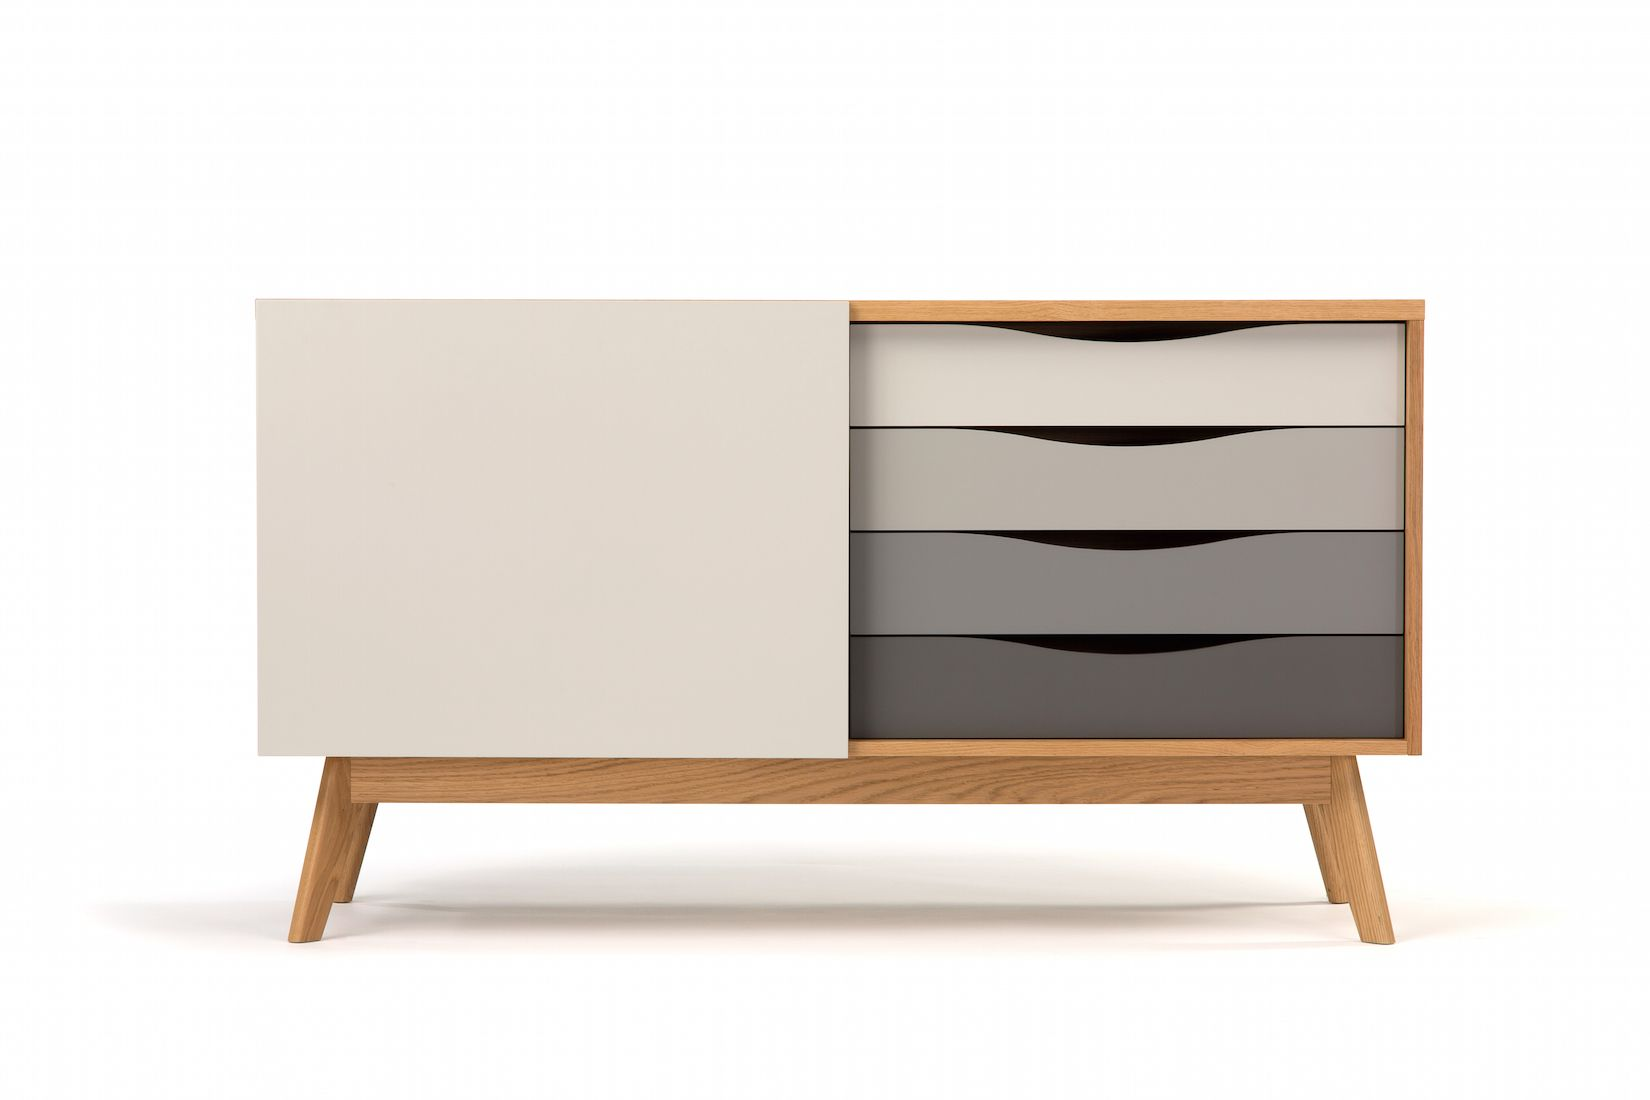 Woodman Avon Sideborad Furniture Pinterest Avon # Muebles Woodman